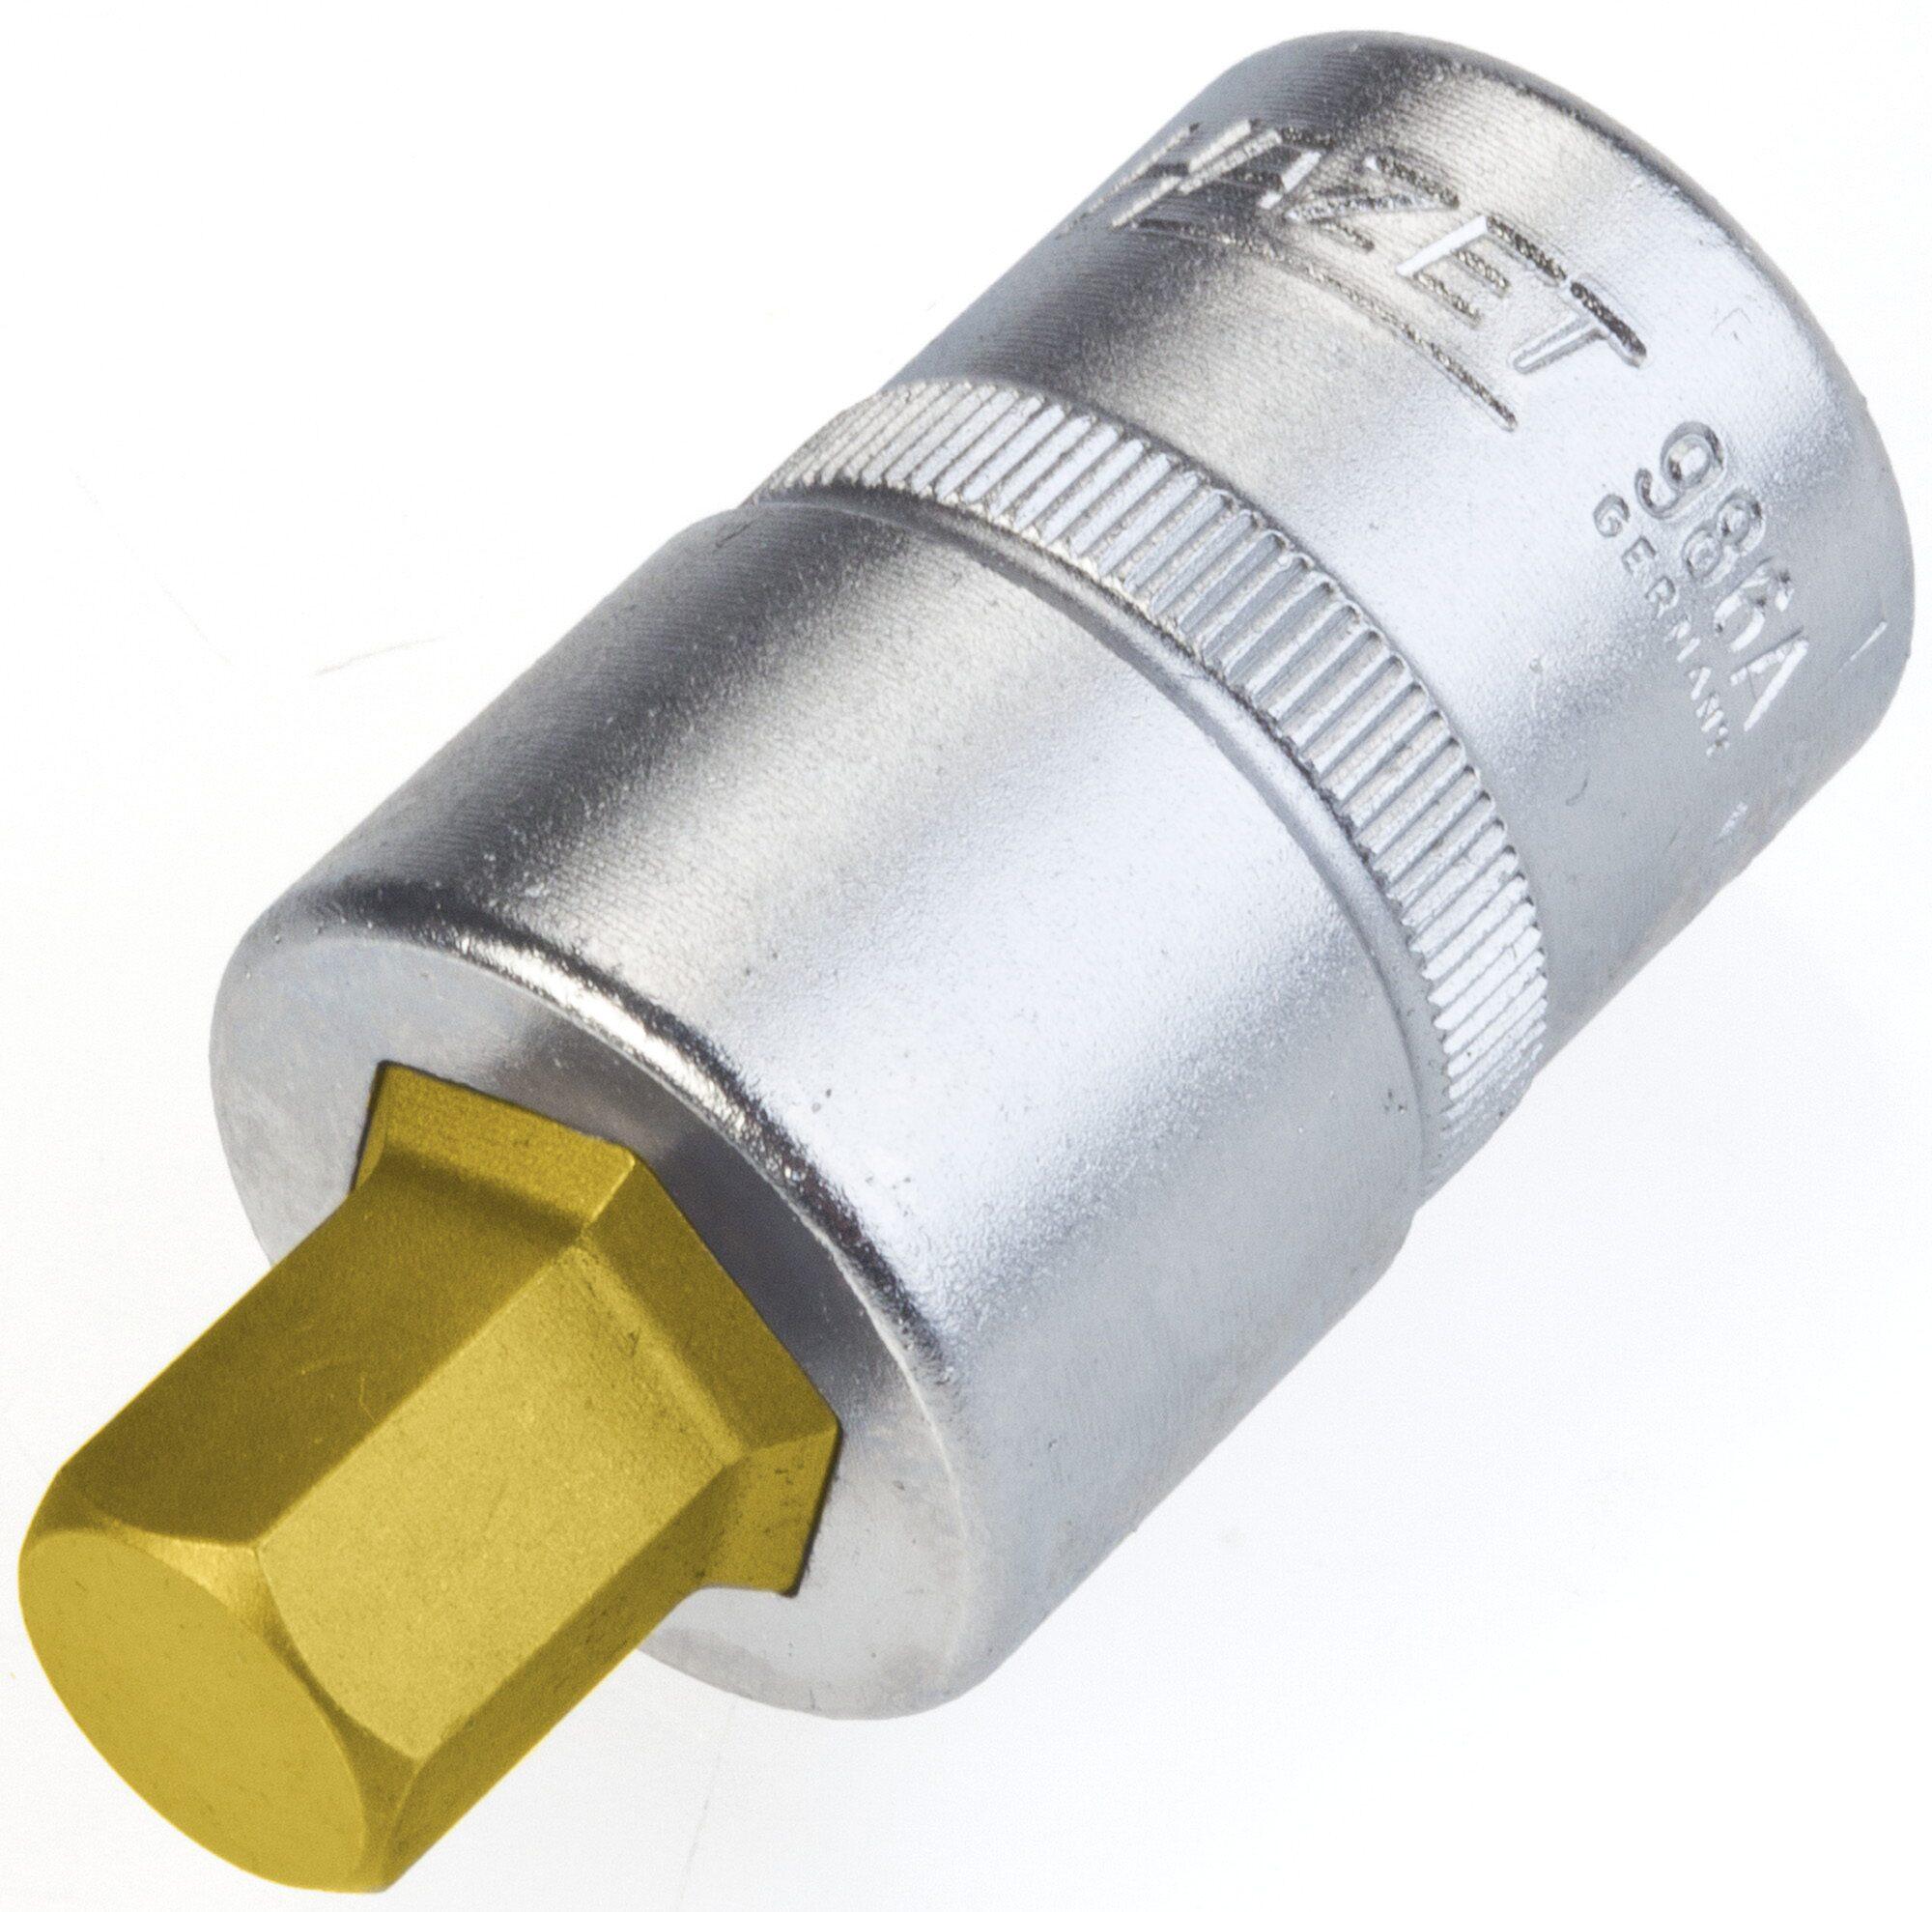 HAZET Schraubendreher-Steckschlüsseleinsatz 986A-7/16 ∙ Vierkant hohl 12,5 mm (1/2 Zoll) ∙ Innen-Sechskant Profil